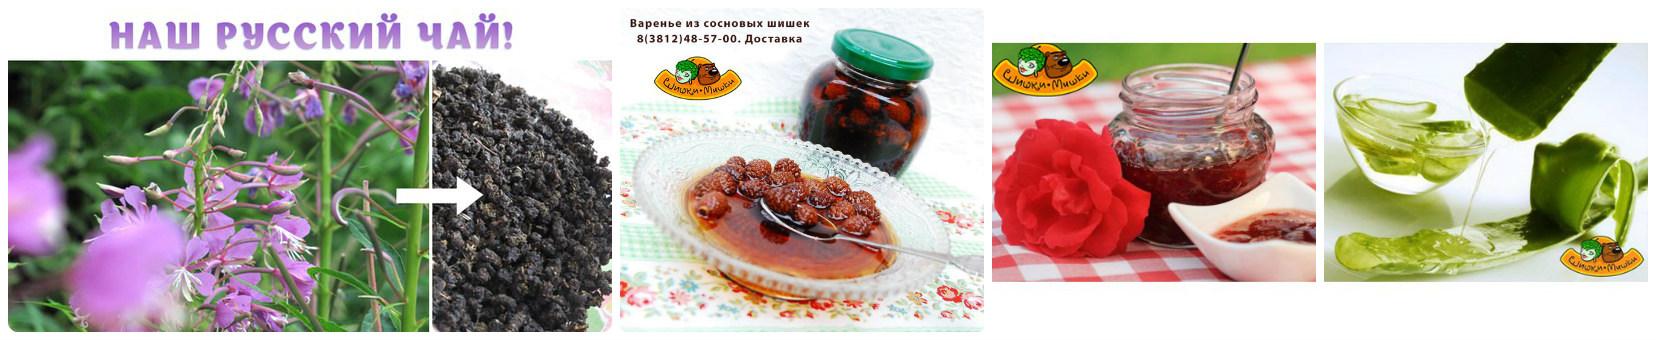 СБОР ЗАКЫТ! Полезное и вкусное варенье из алоэ, розы ,сосновых шишек, кедровое, сваренное по старинным рецептам